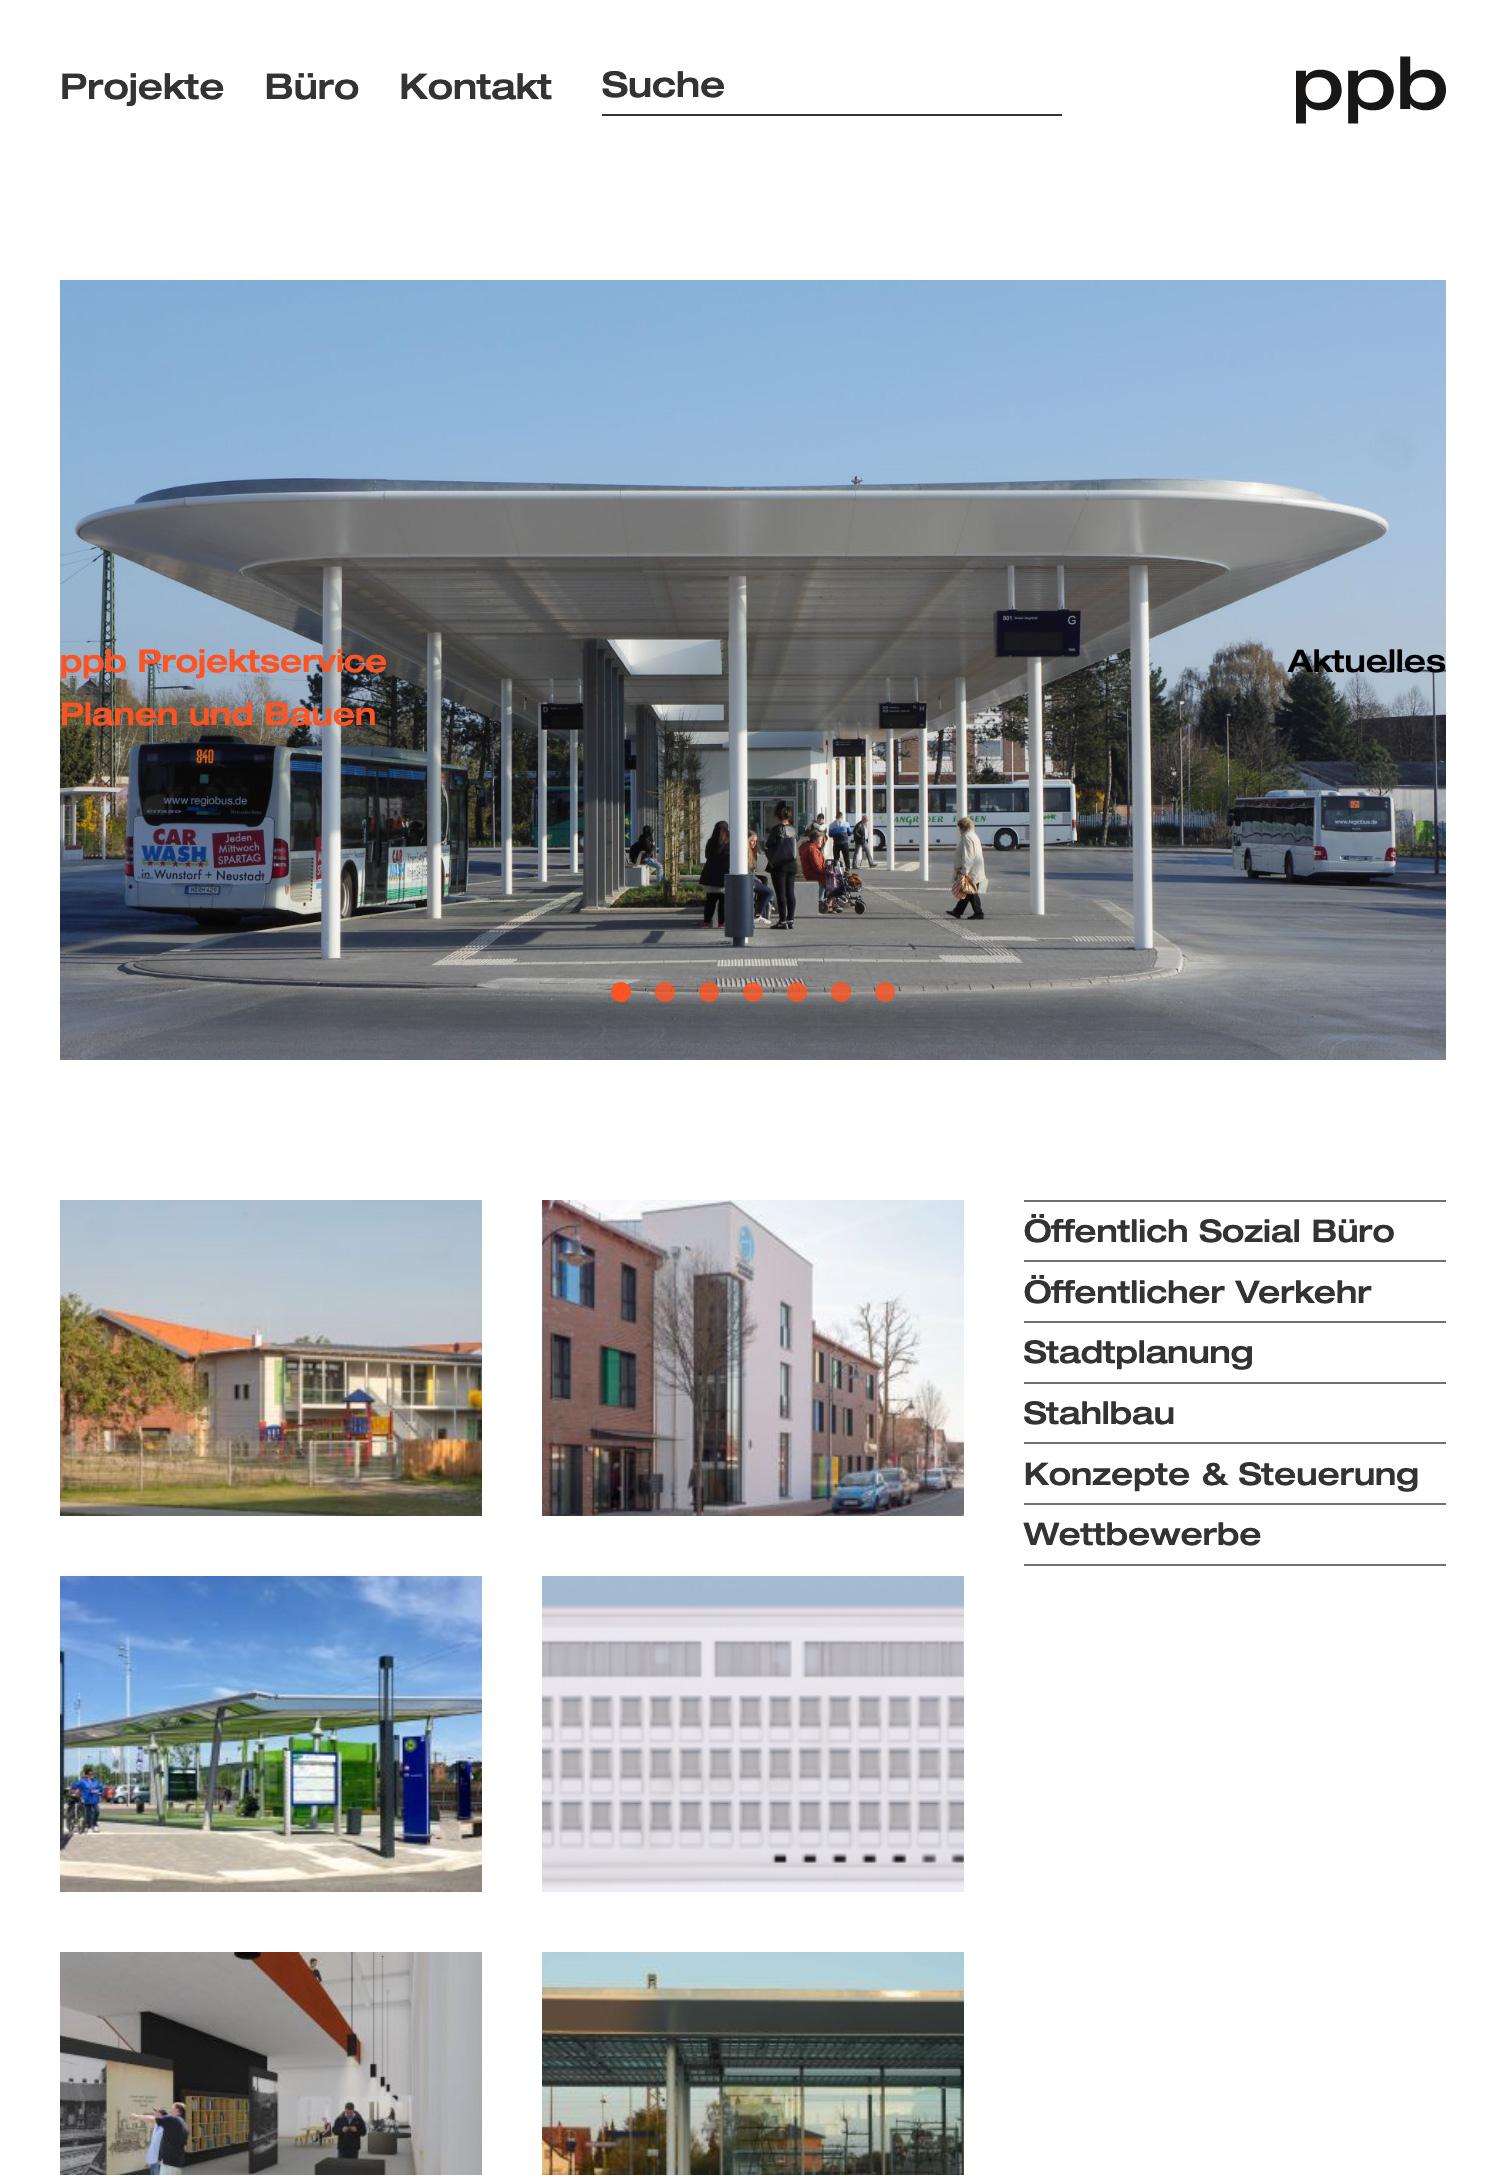 ppb Projektservice Planen und Bauen